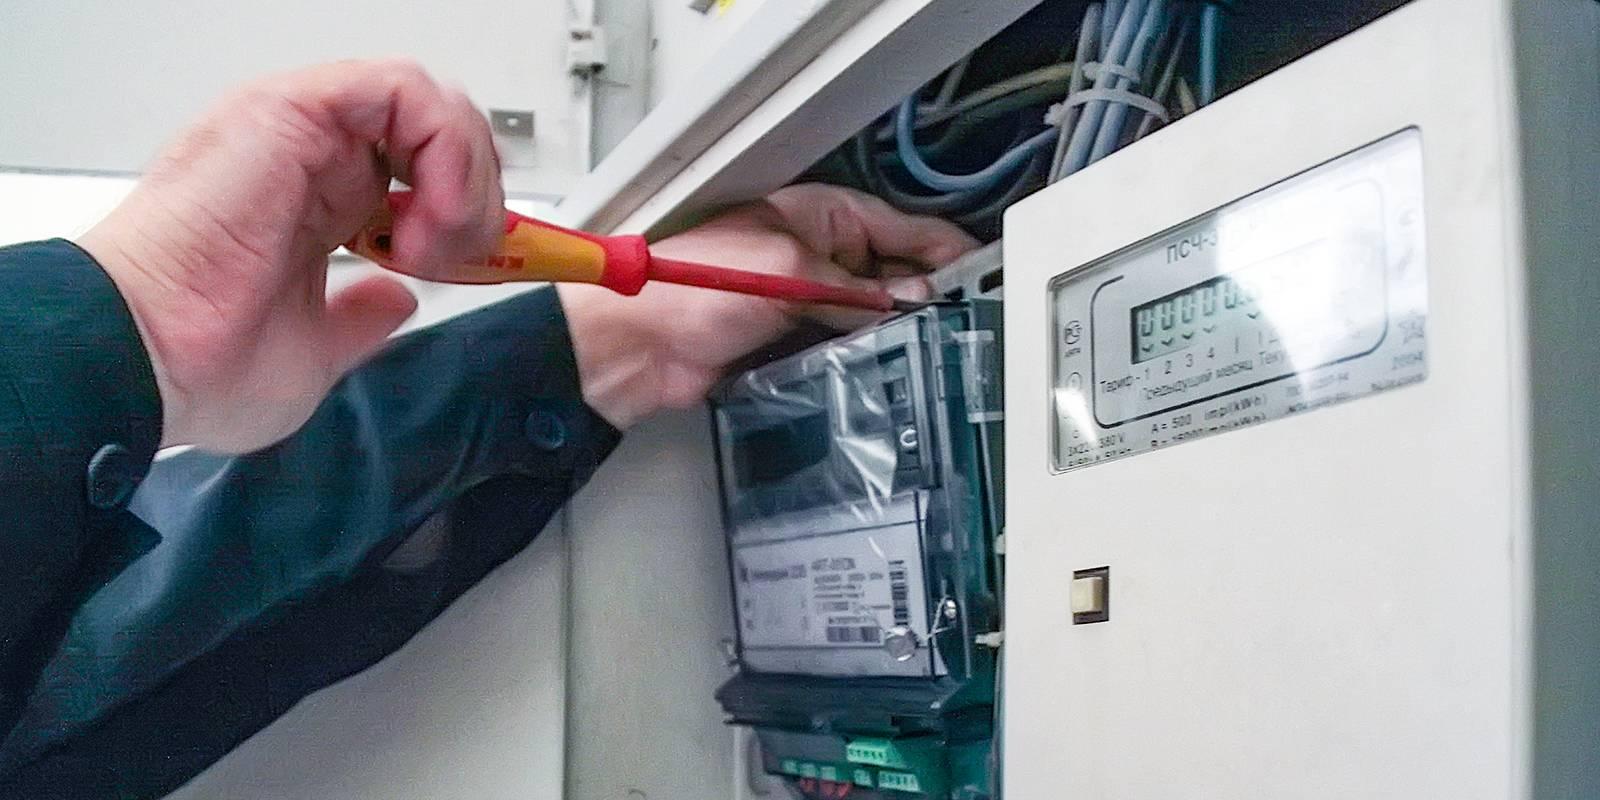 Установка газового счетчика в москве и московской области: сколько стоит монтаж в квартире и частном доме, правила и порядок работ